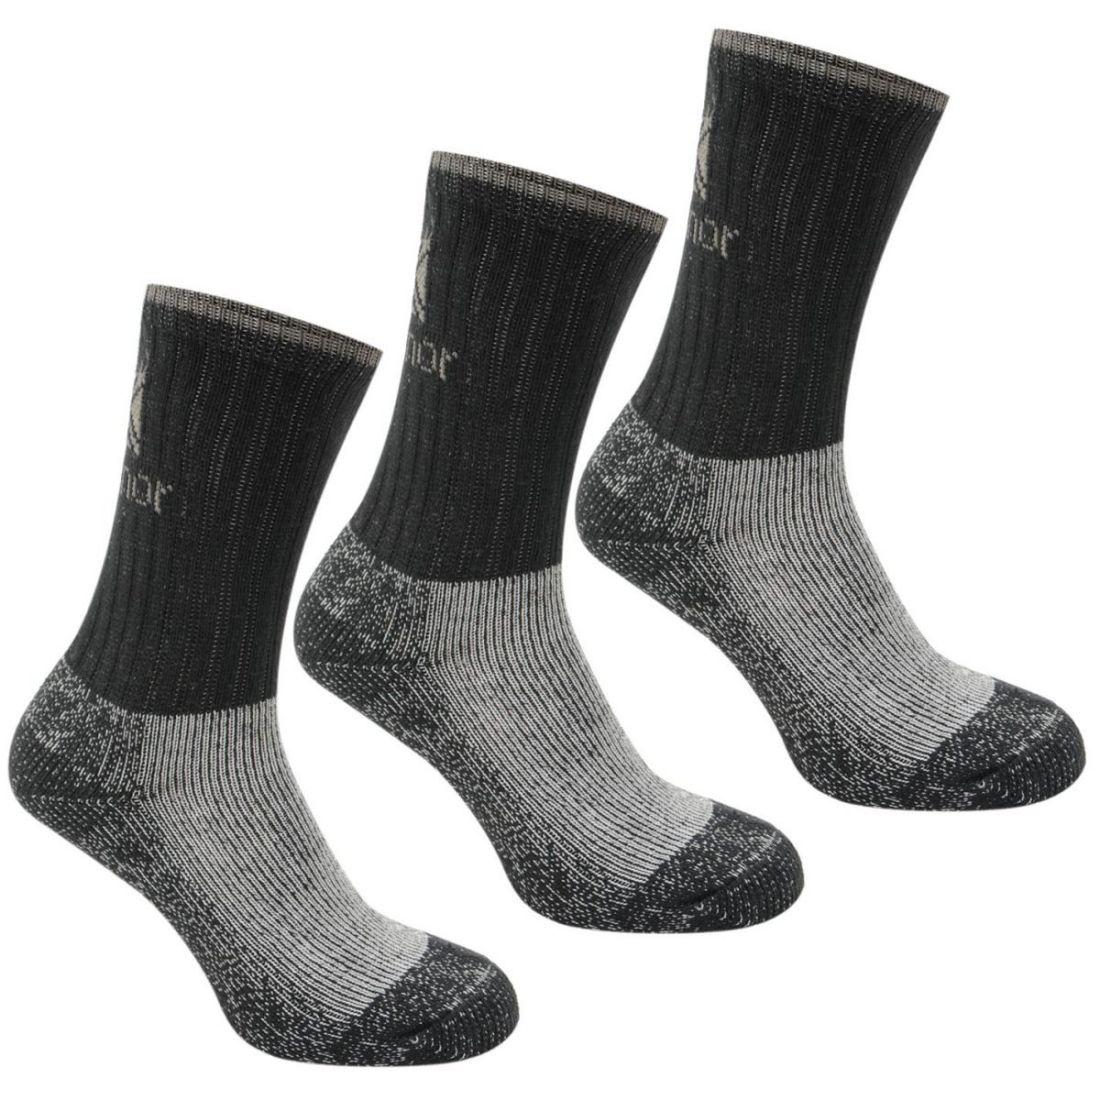 Karrimor Heavyweight Boot Sock 3 Pack Mens Gents Socks Warm Um Eine Reibungslose üBertragung Zu GewäHrleisten